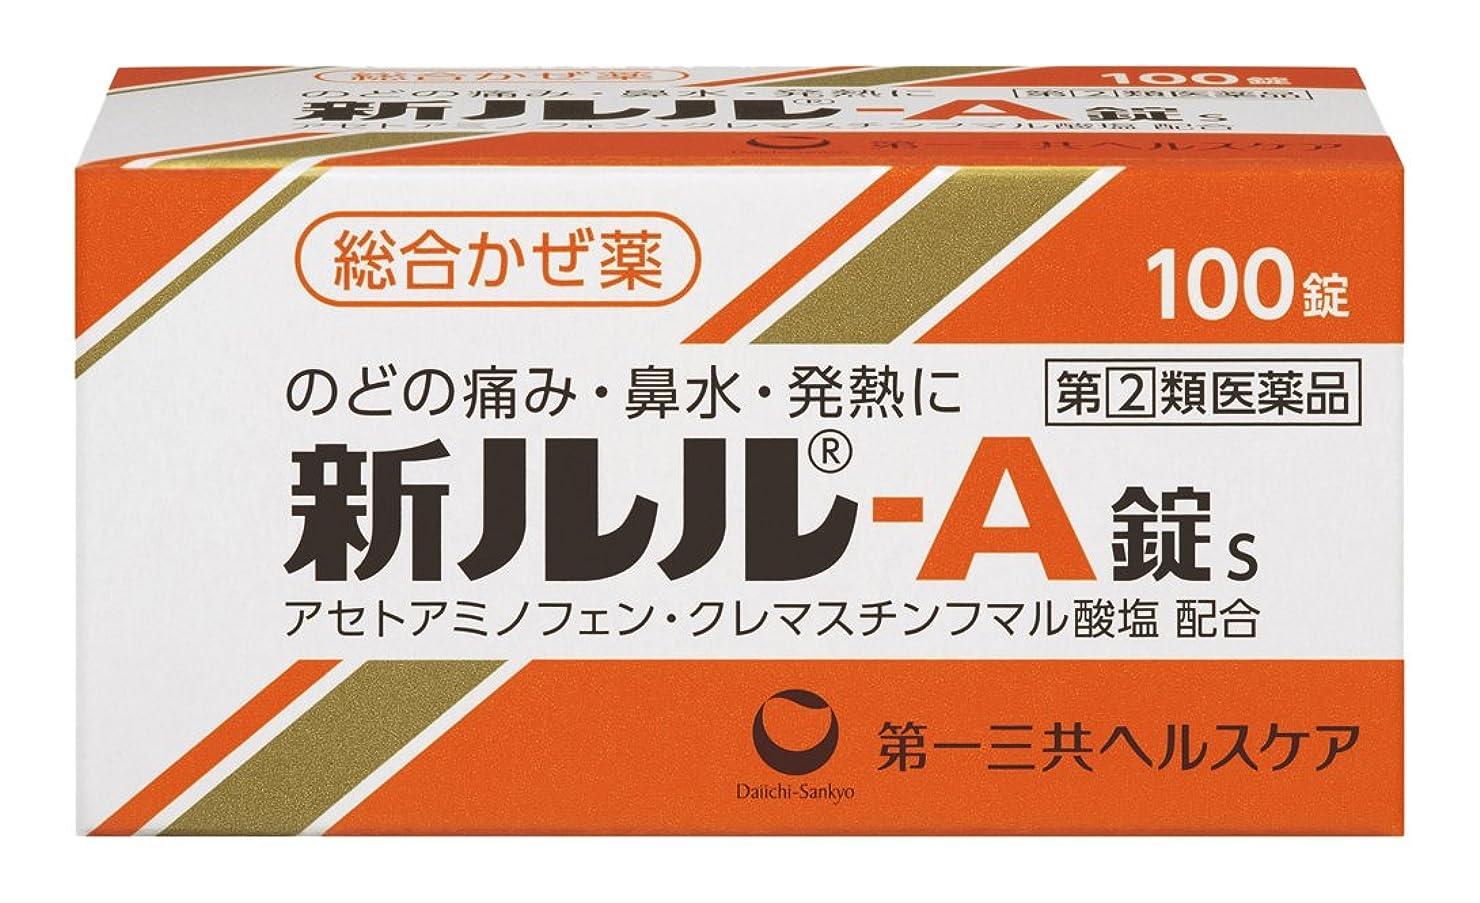 シャー項目違う【指定第2類医薬品】新ルル-A錠s 100錠